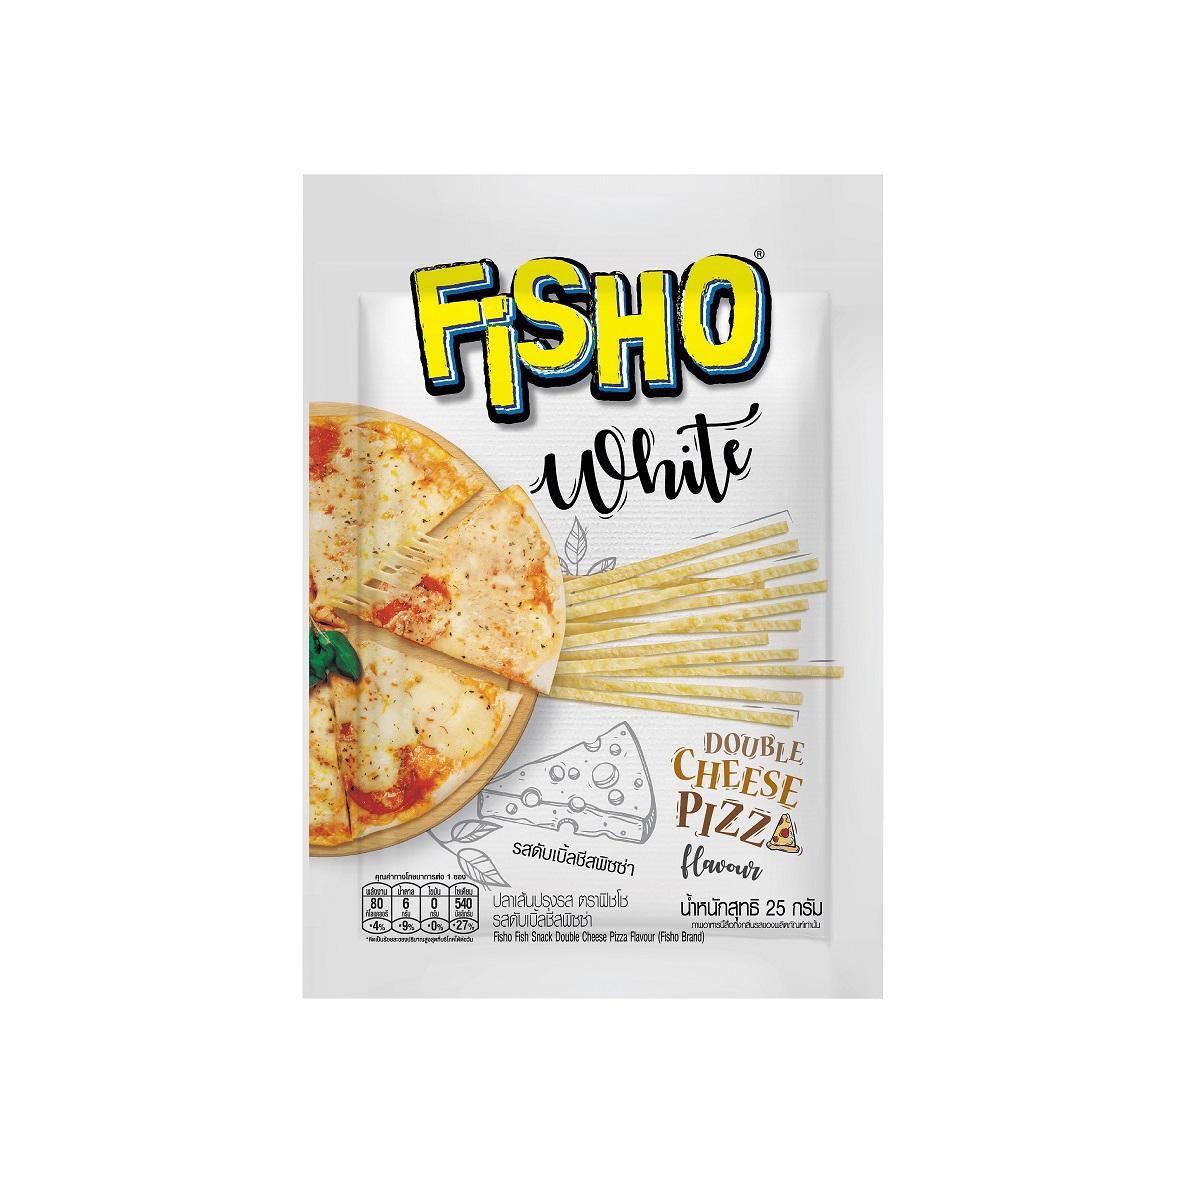 泰國Fisho 起司比薩風味魚絲條25g